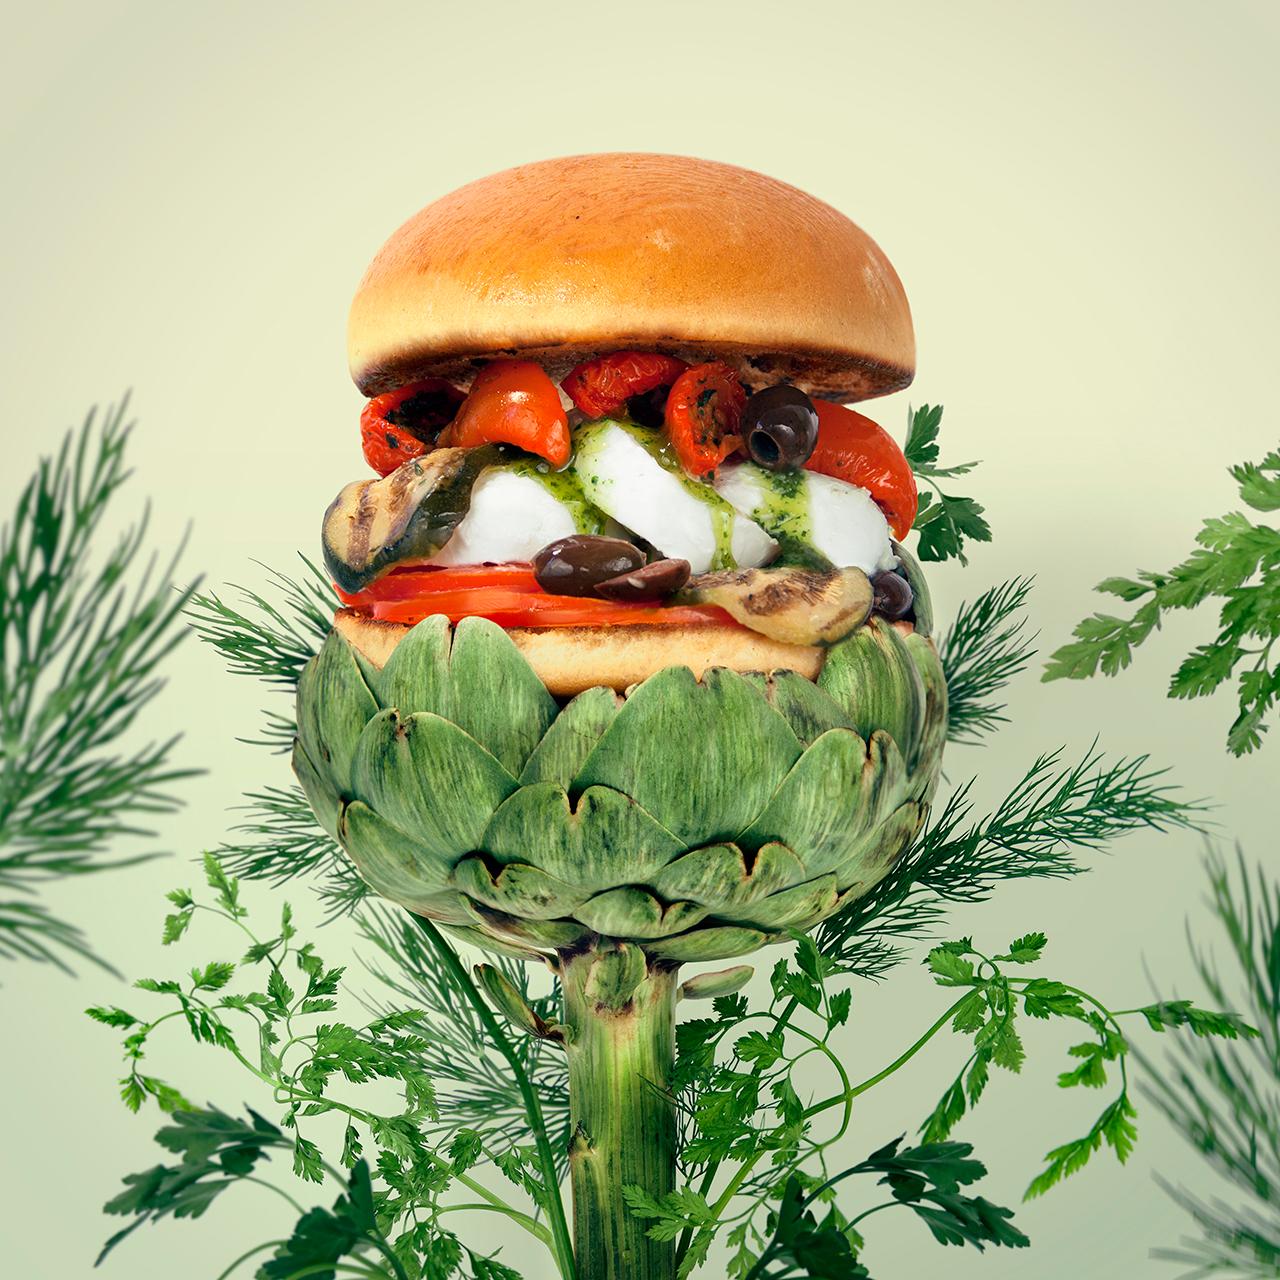 Fat-furious-summer-burger-8